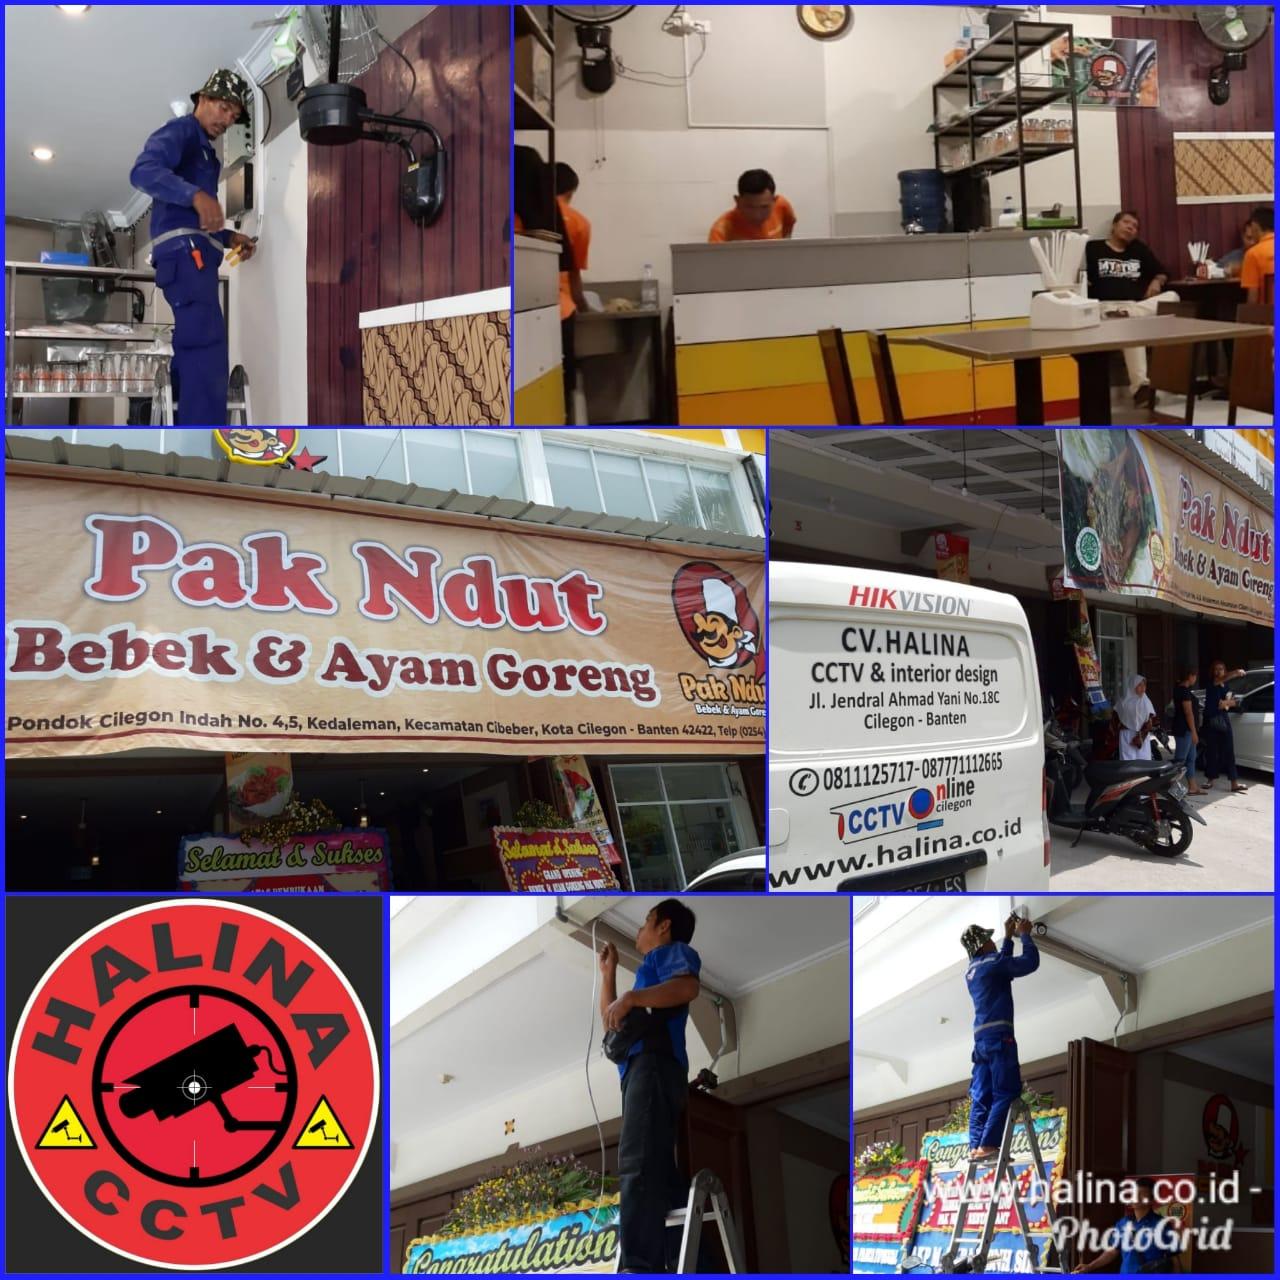 BEBEK DAN AYAM GORENG PAK NDUT PCI ( FEBRUARI 2019 )